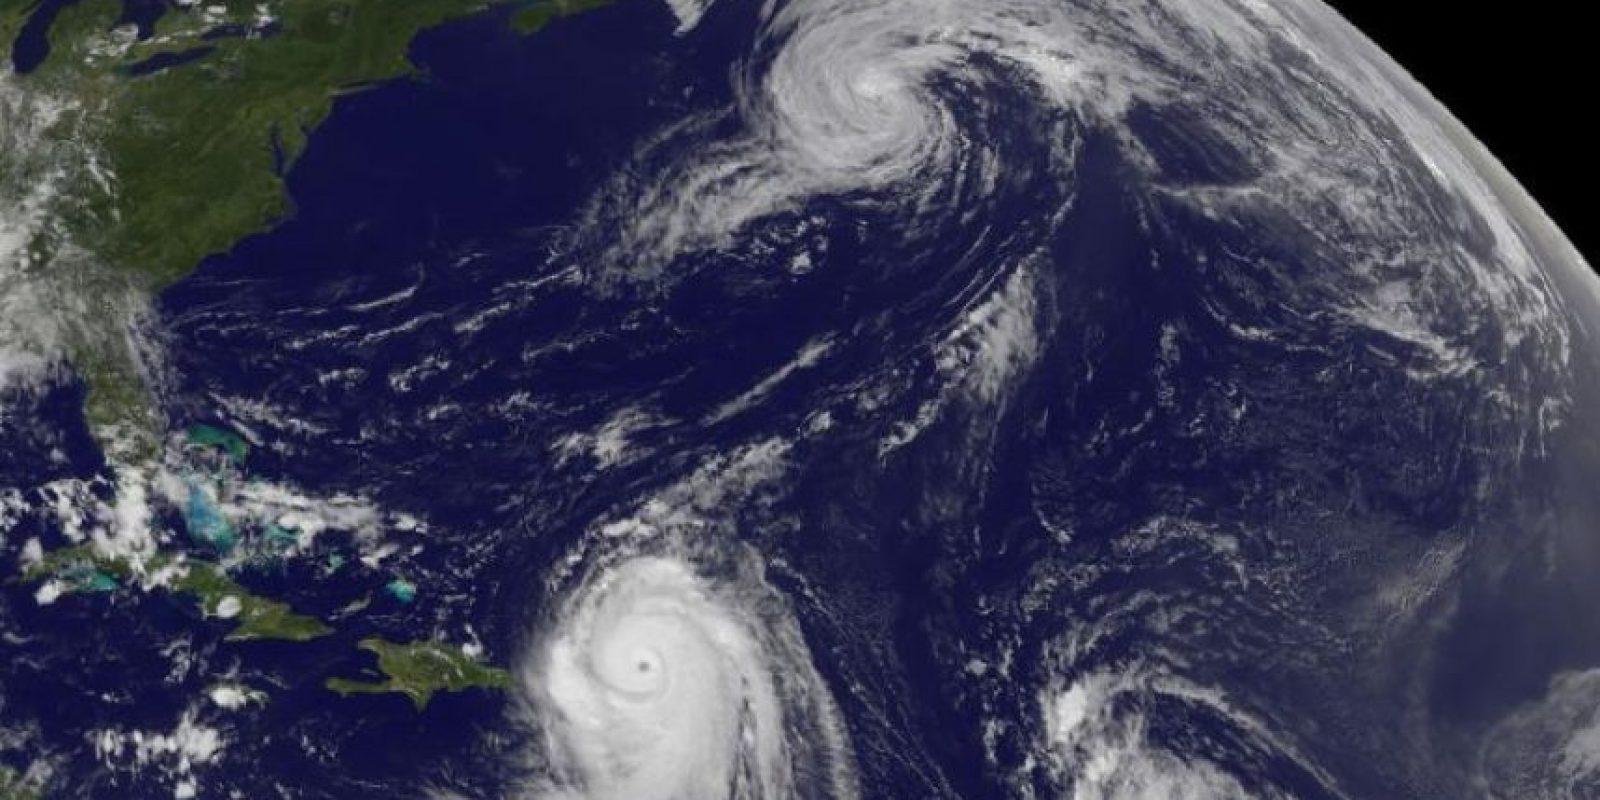 Tres Tormentas en el océano Atlántico. Se trata del huracán Danielle, el huracán Earl y la tormenta tropical número 8, capturados en Agosto de 2010 Foto:NASA